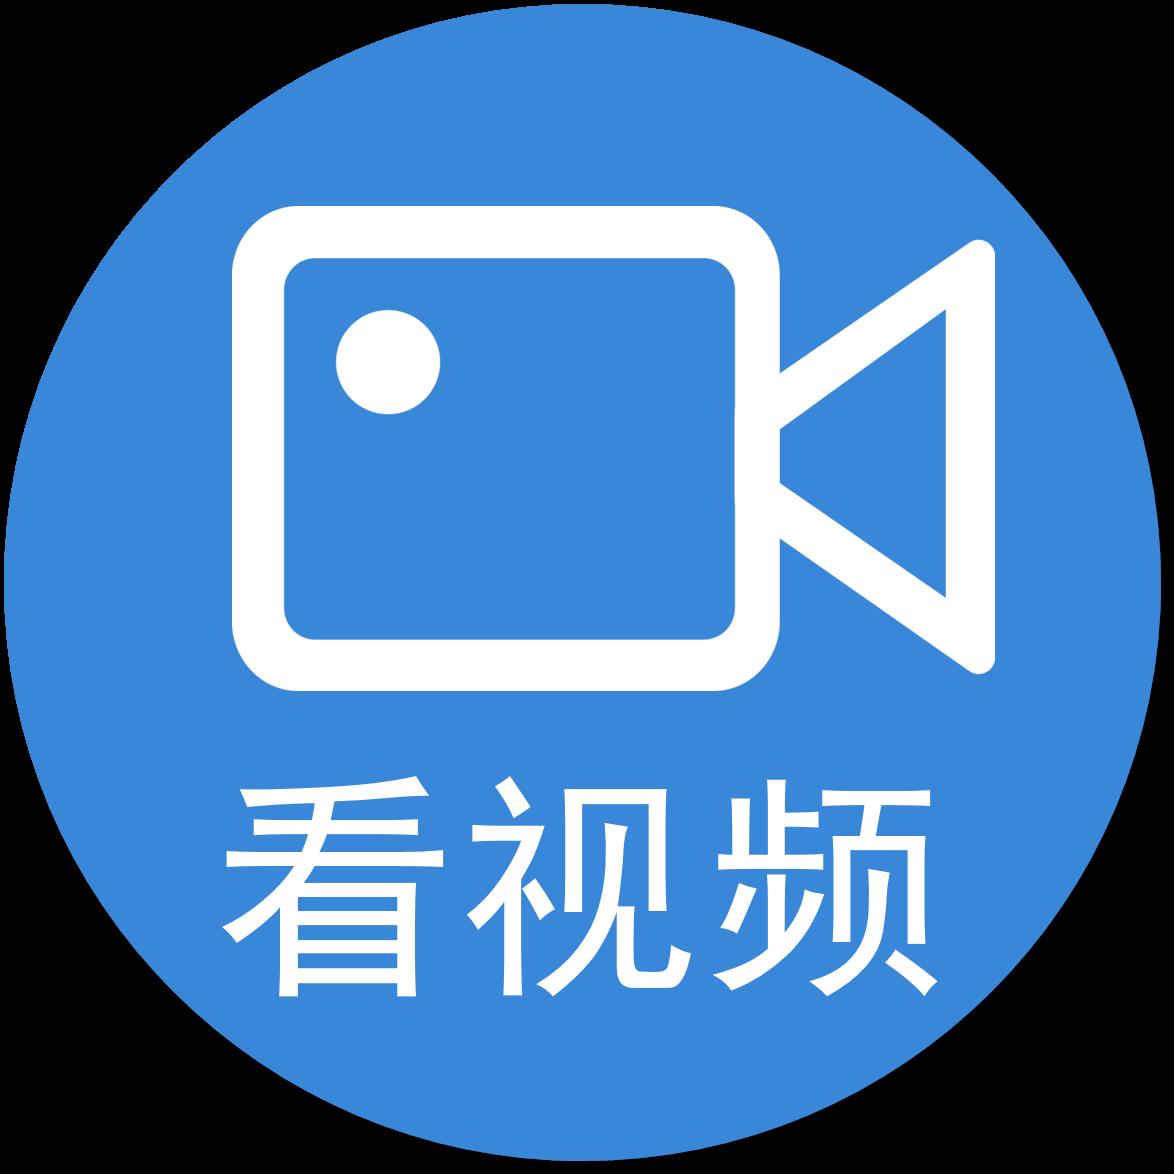 看视频,晓亚博娱乐平台事儿